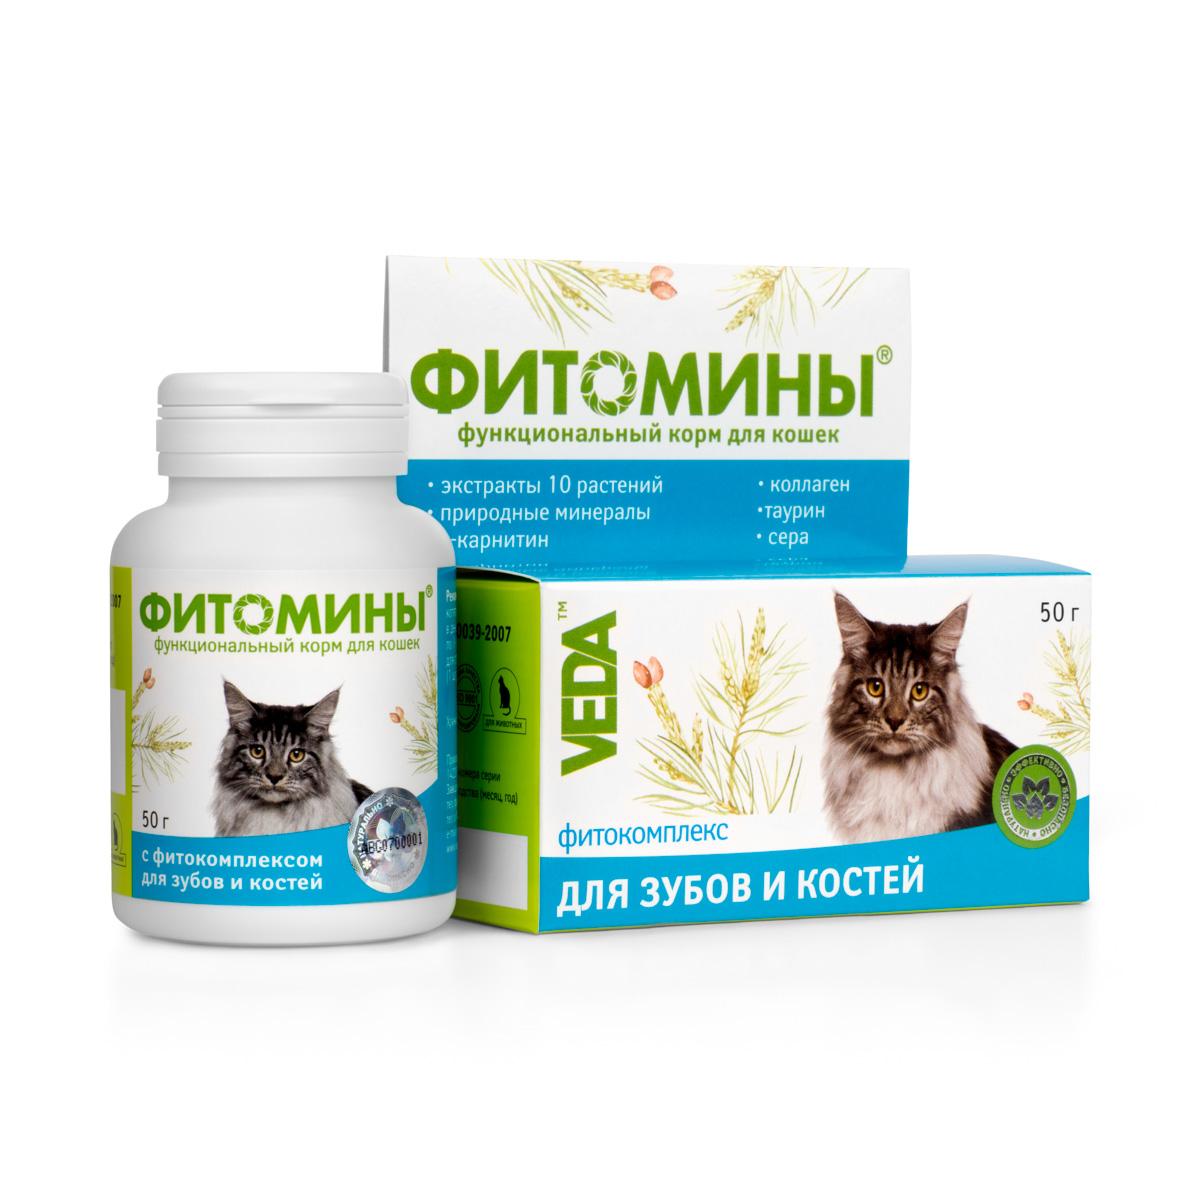 Корм для кошек VEDA Фитомины, функциональный, с фитокомплексом, для зубов и костей, 50 г4605543005862Корм функциональный для кошек VEDA Фитомины с фитокомплексом способствует оптимальному формированию, восстановлению костной ткани.Рекомендуется включать в рацион:- во время формирования и роста зубов и костей, в период смены зубов, - при травмировании и заболеваниях костей, при вымывании кальция из костей (нарушение обменных процессов), - стареющим животным, - беременным и кормящим самкам, - при нарушениях роста, рахите.Состав: лактоза; крахмал; дрожжи пивные; фитокомплекс: корневищ аира, травы хвоща полевого, цветков лабазника вязолистного, травы фиалки, листьев березы, листьев шалфея, корней лопуха, почек березовых, цветков ноготков, листьев мяты перечной, почек сосны; природный минеральный комплекс; паровая мука рыбная; гидролизат коллагена; L-карнитин; таурин; сера; стеарат кальция.В 100 г продукта содержится (не менее): белки – 5 г; жиры - 0,4 г; углеводы - 90 г; кальций - 600 мг; фосфор - 360 мг; железо - 15,0 мг; цинк - 4 мг; марганец - 0,1 мг; медь - 0,3 мг; L- карнитин - 0,5 г; гидролизат коллагена – 0,2 г; таурин – 0,2 г; сера - 0,1 г. Энергетическая ценность в 100 г: 380 ккал.Товар сертифицирован.Чем кормить пожилых кошек: советы ветеринара. Статья OZON Гид